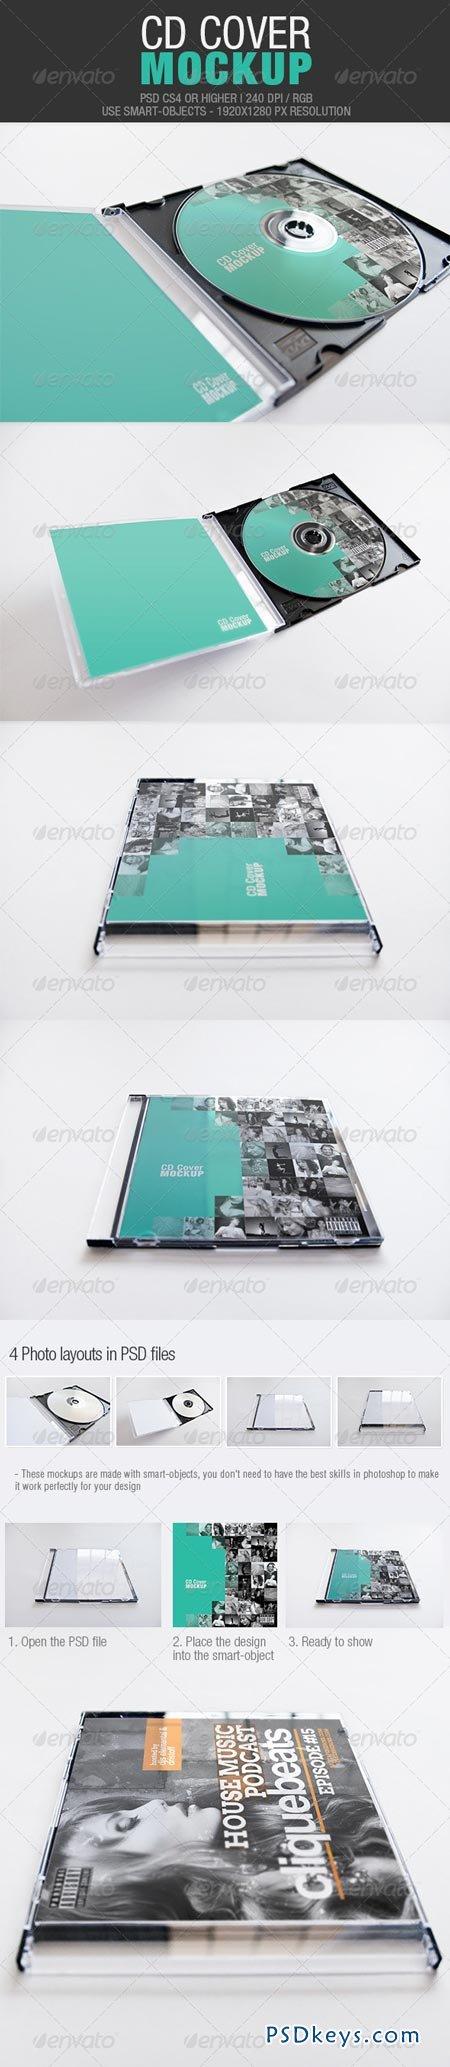 CD Cover Mockup 4244724